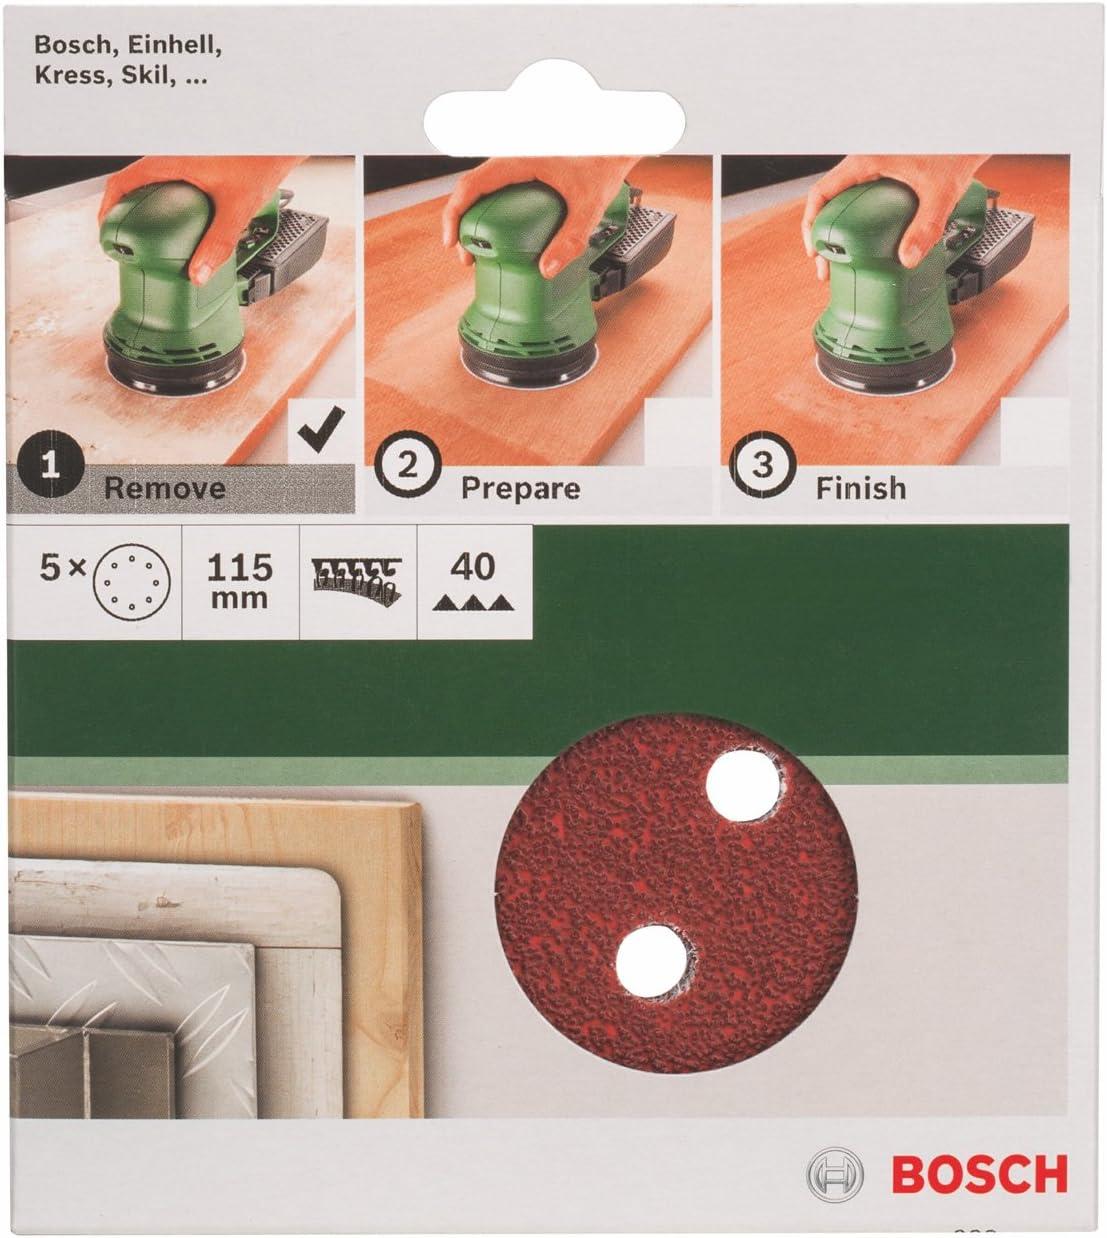 Bosch 2609256A15 Feuilles abrasives pour Ponceuses excentriques Diam/ètre 115 mm 8 trous Grain 40 Lot de 5 feuilles